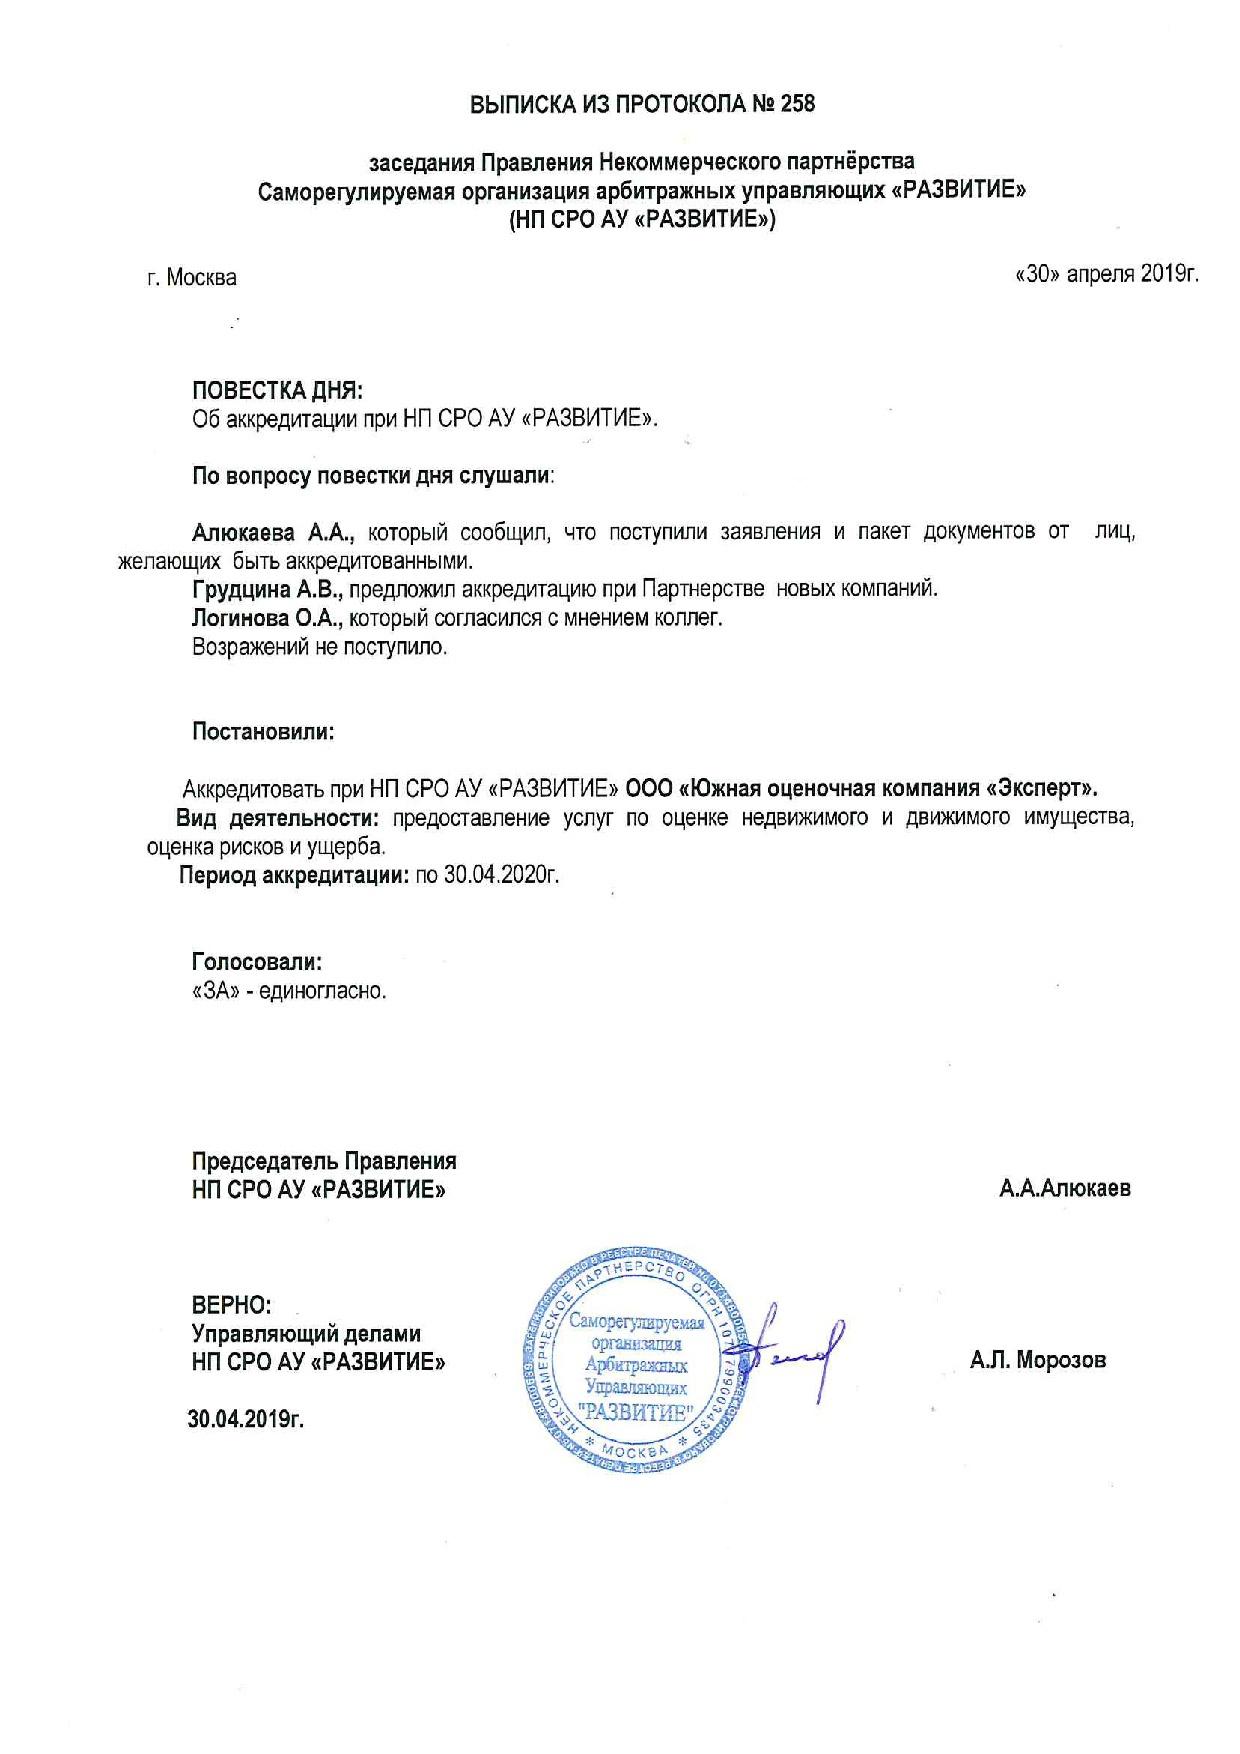 """Аккредитация при НП СРО АУ """"РАЗВИТИЕ"""""""